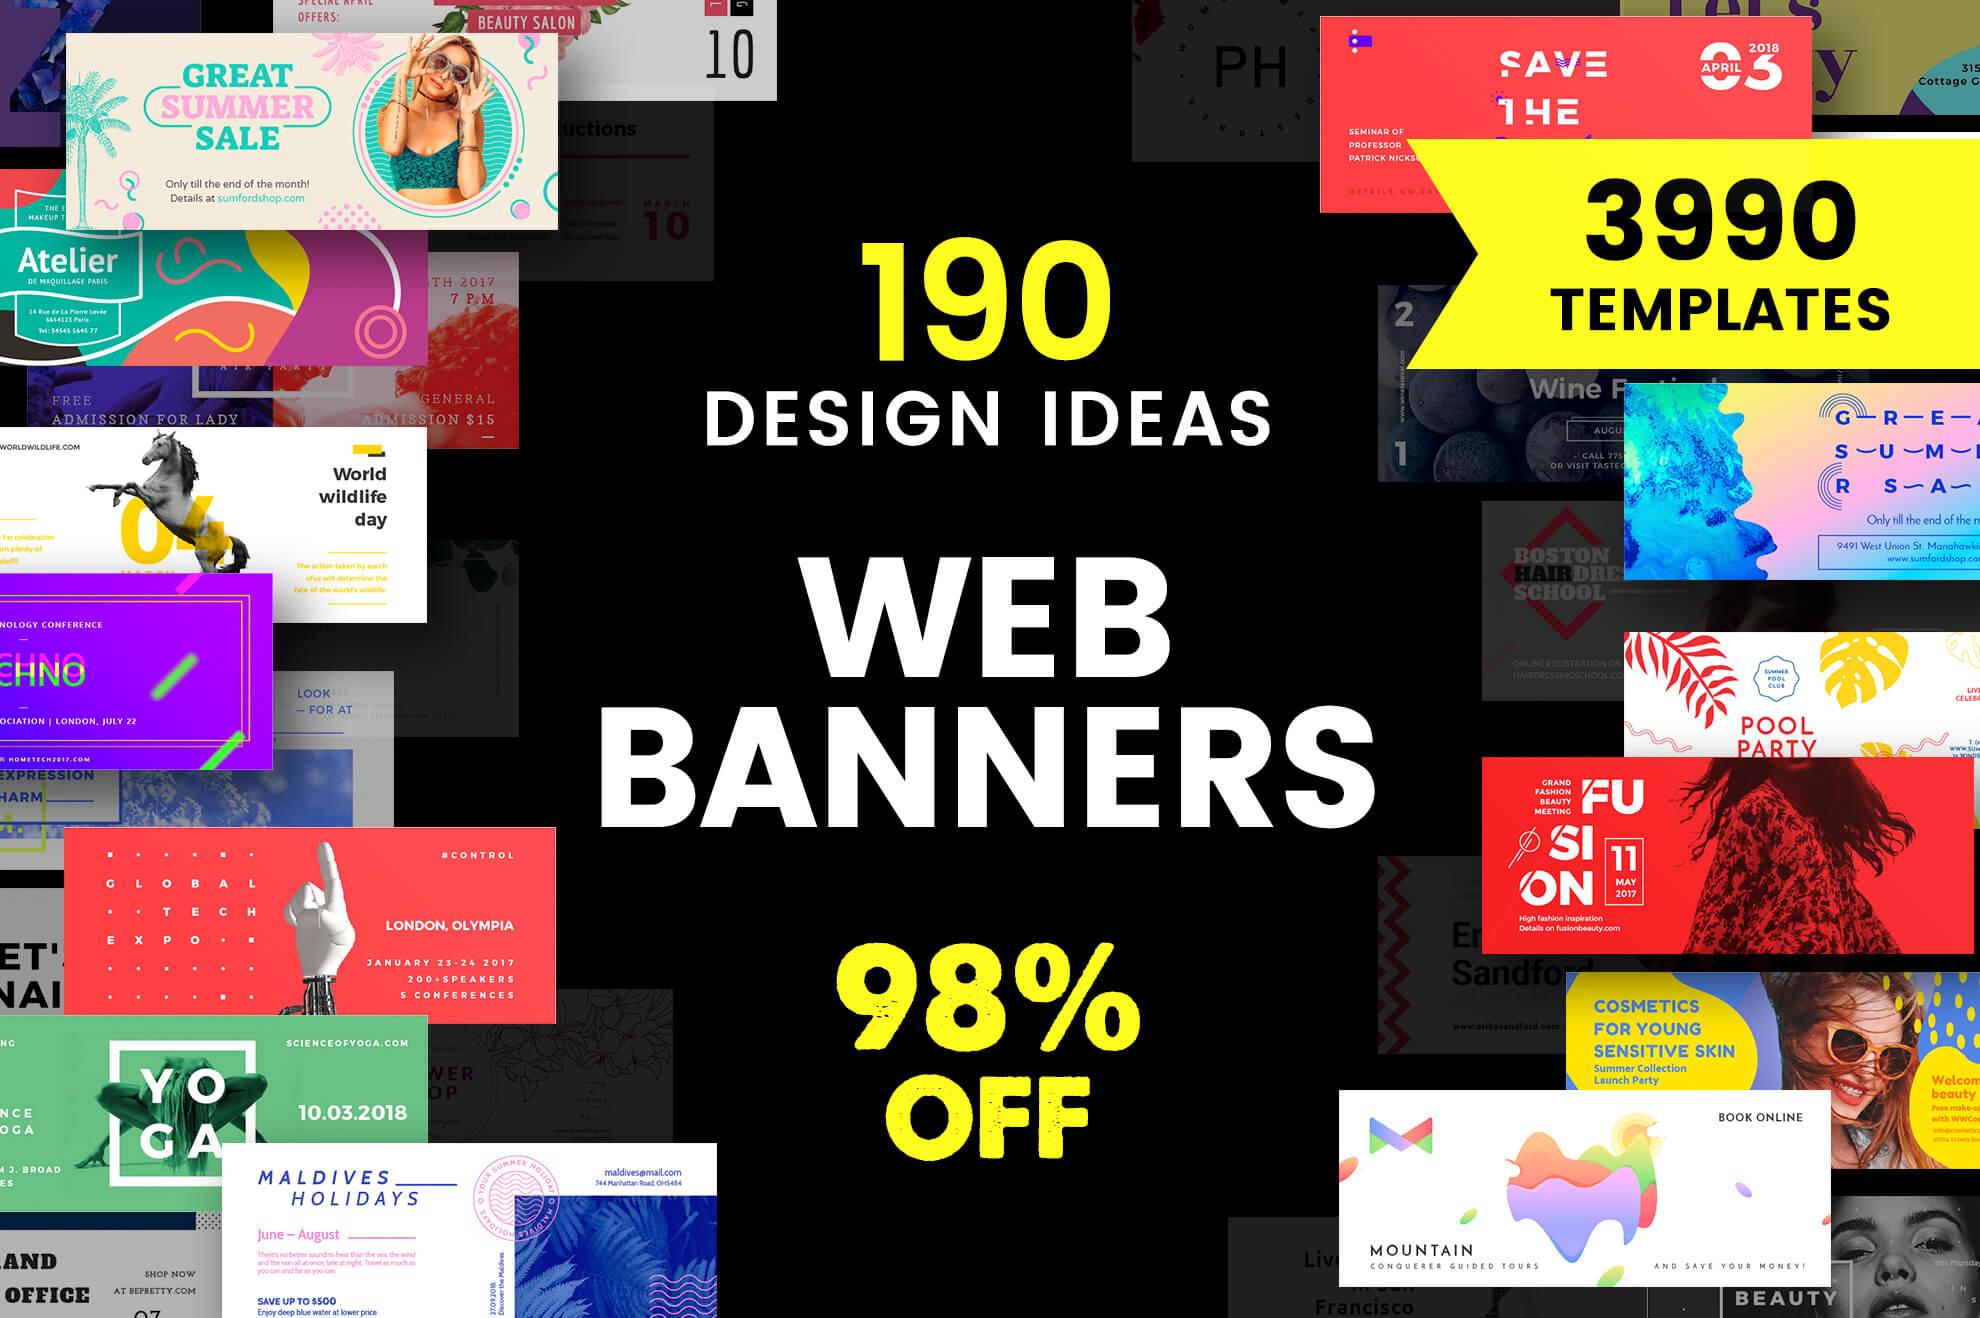 Web Banner Design Templates Bundle Sale Pertaining To Website Banner Design Templates